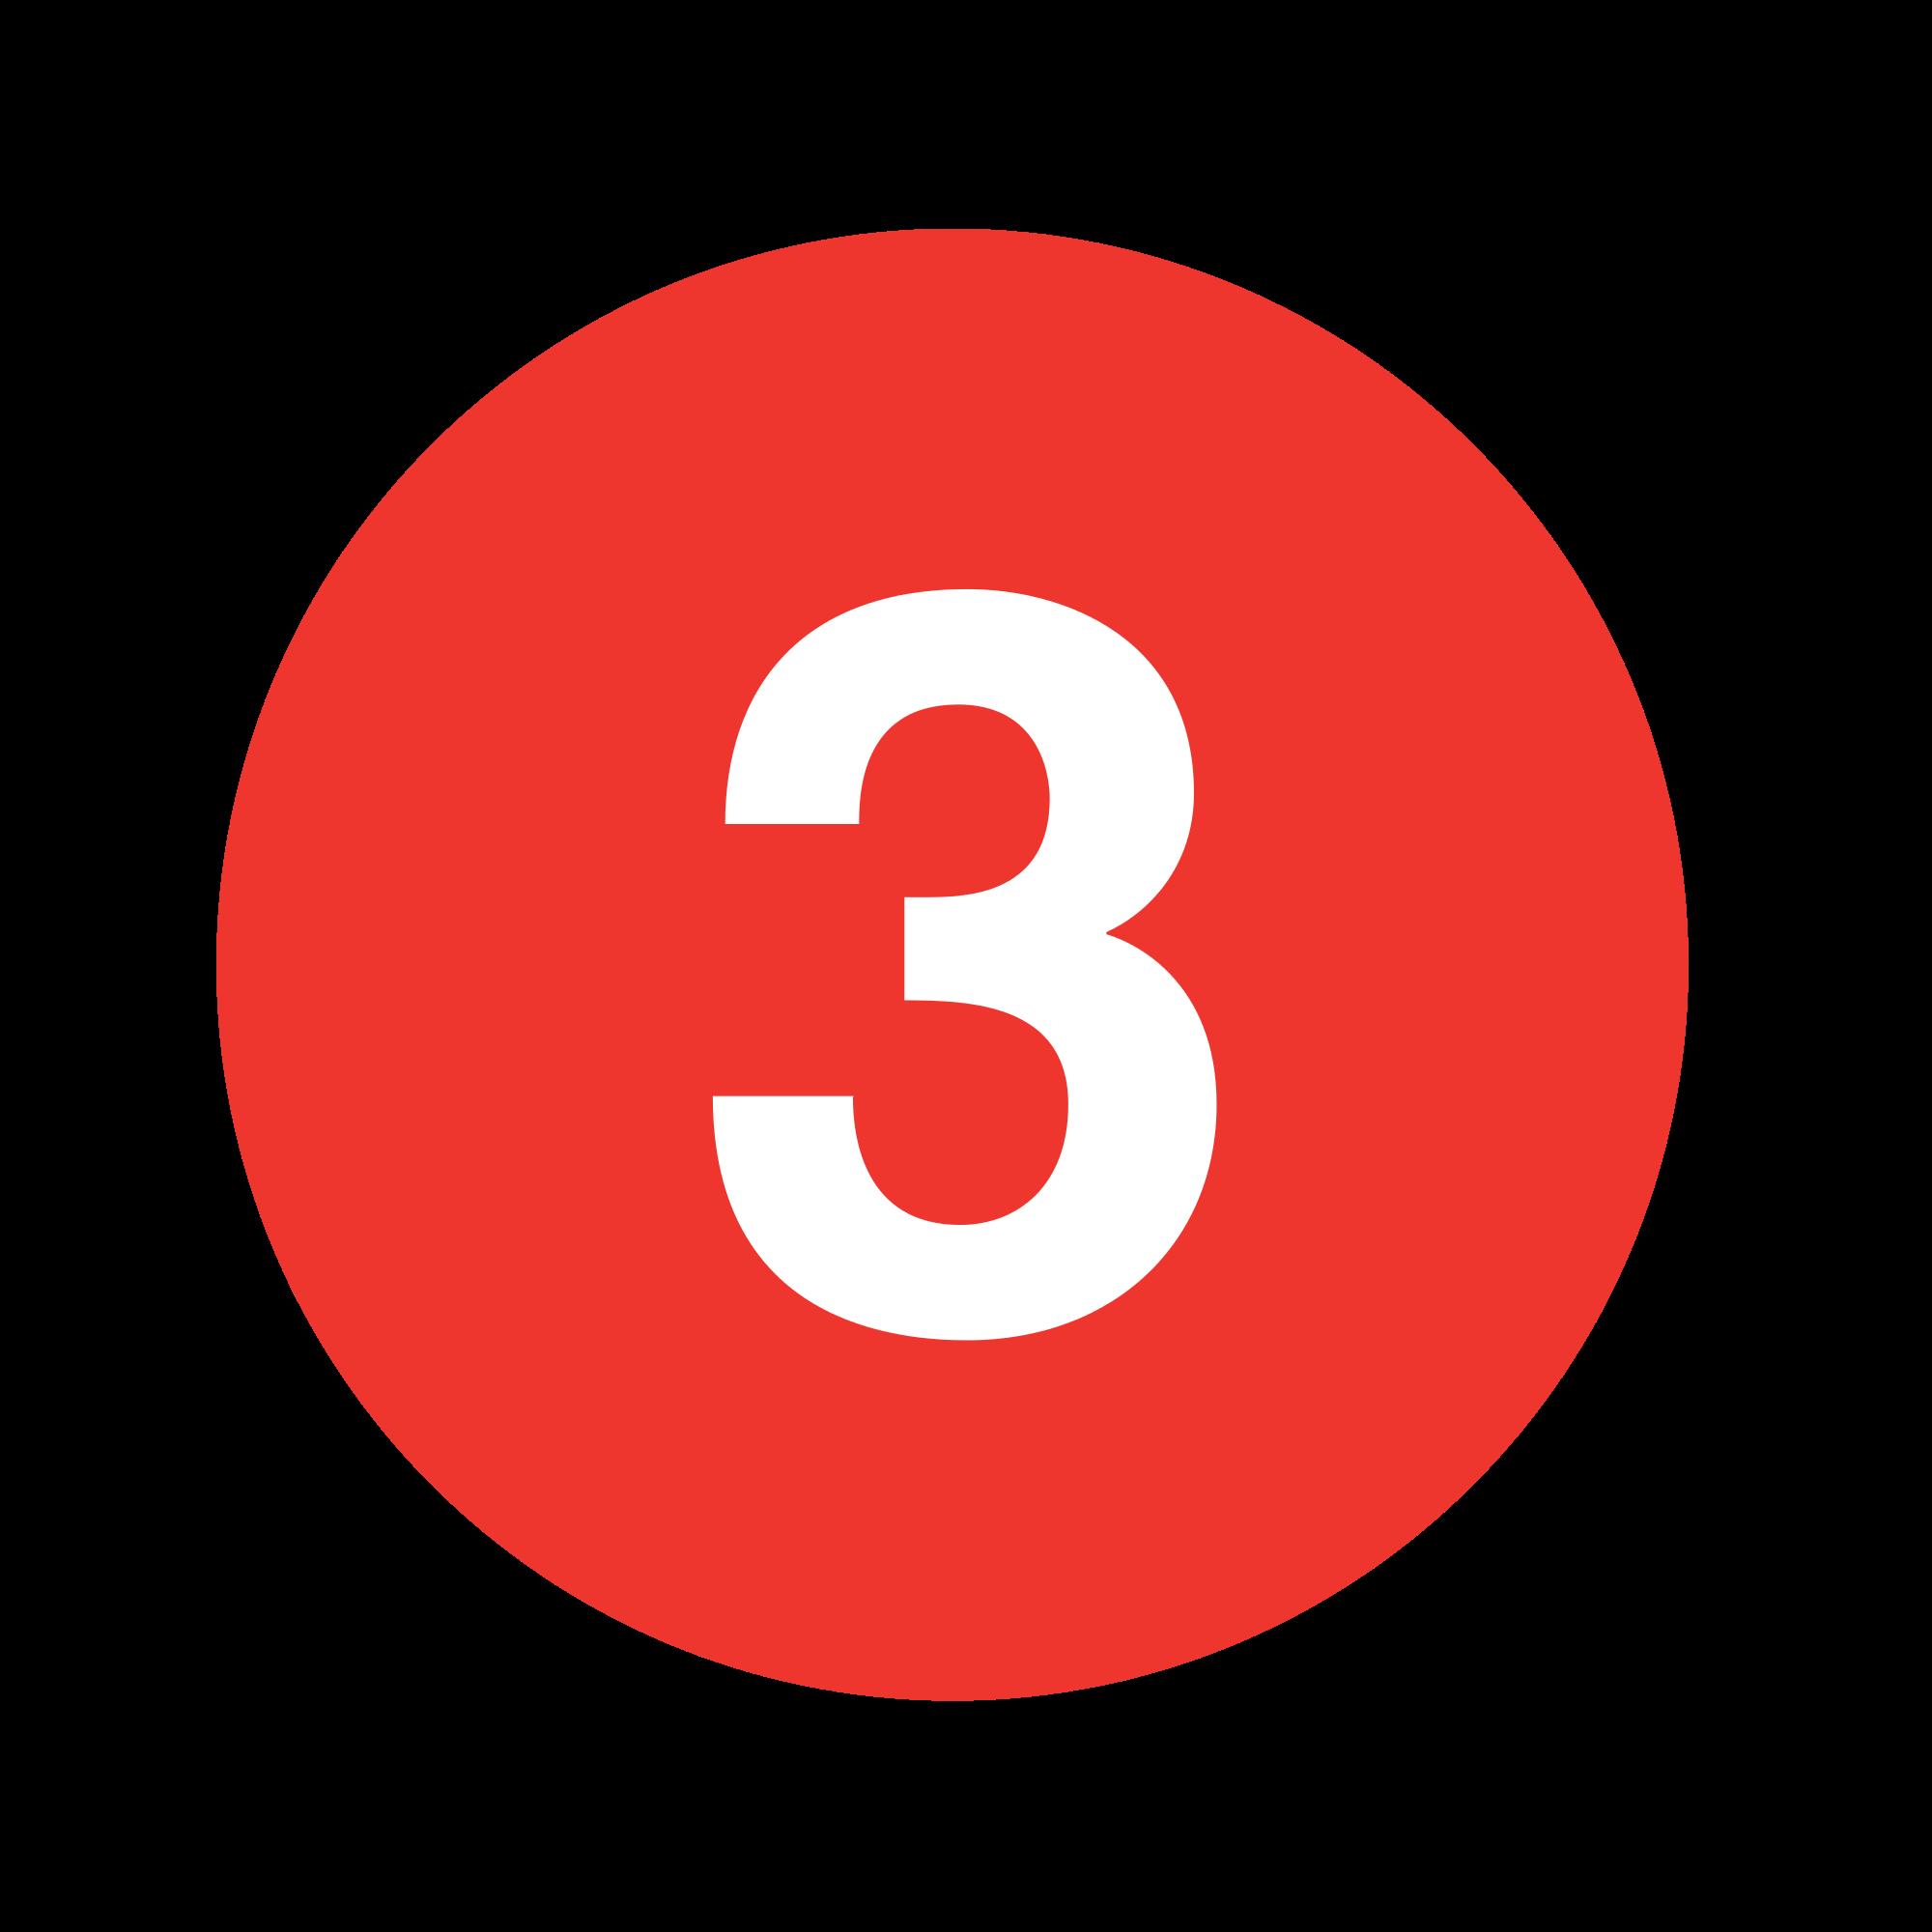 マインドフルネスの12の一般的効果 その3 兵庫県芦屋市のマインドフル